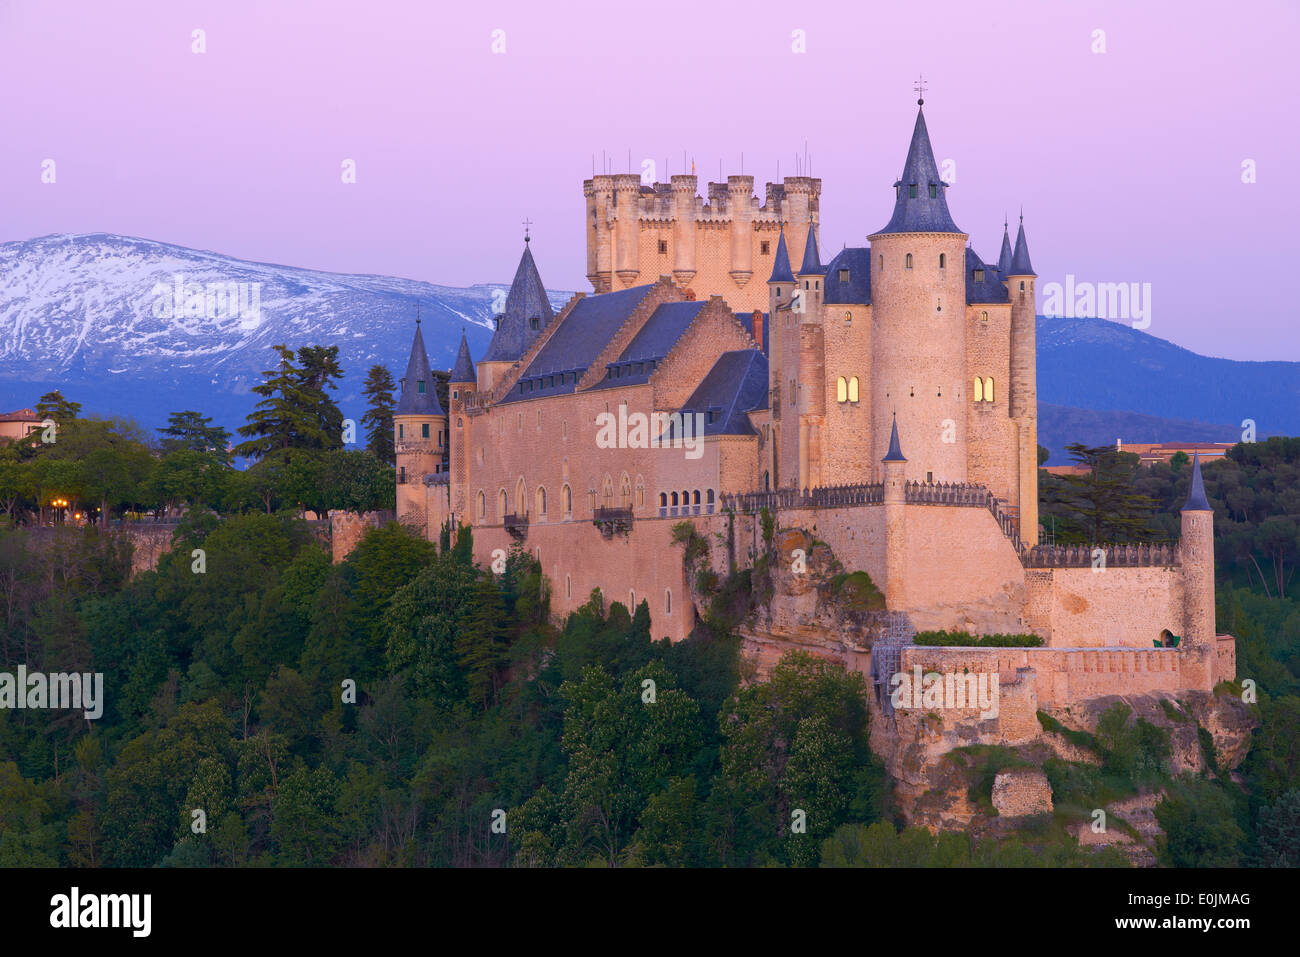 Alcazar, Segovia, Alcazar fortress at Sunset, Castilla-León, Spain - Stock Image